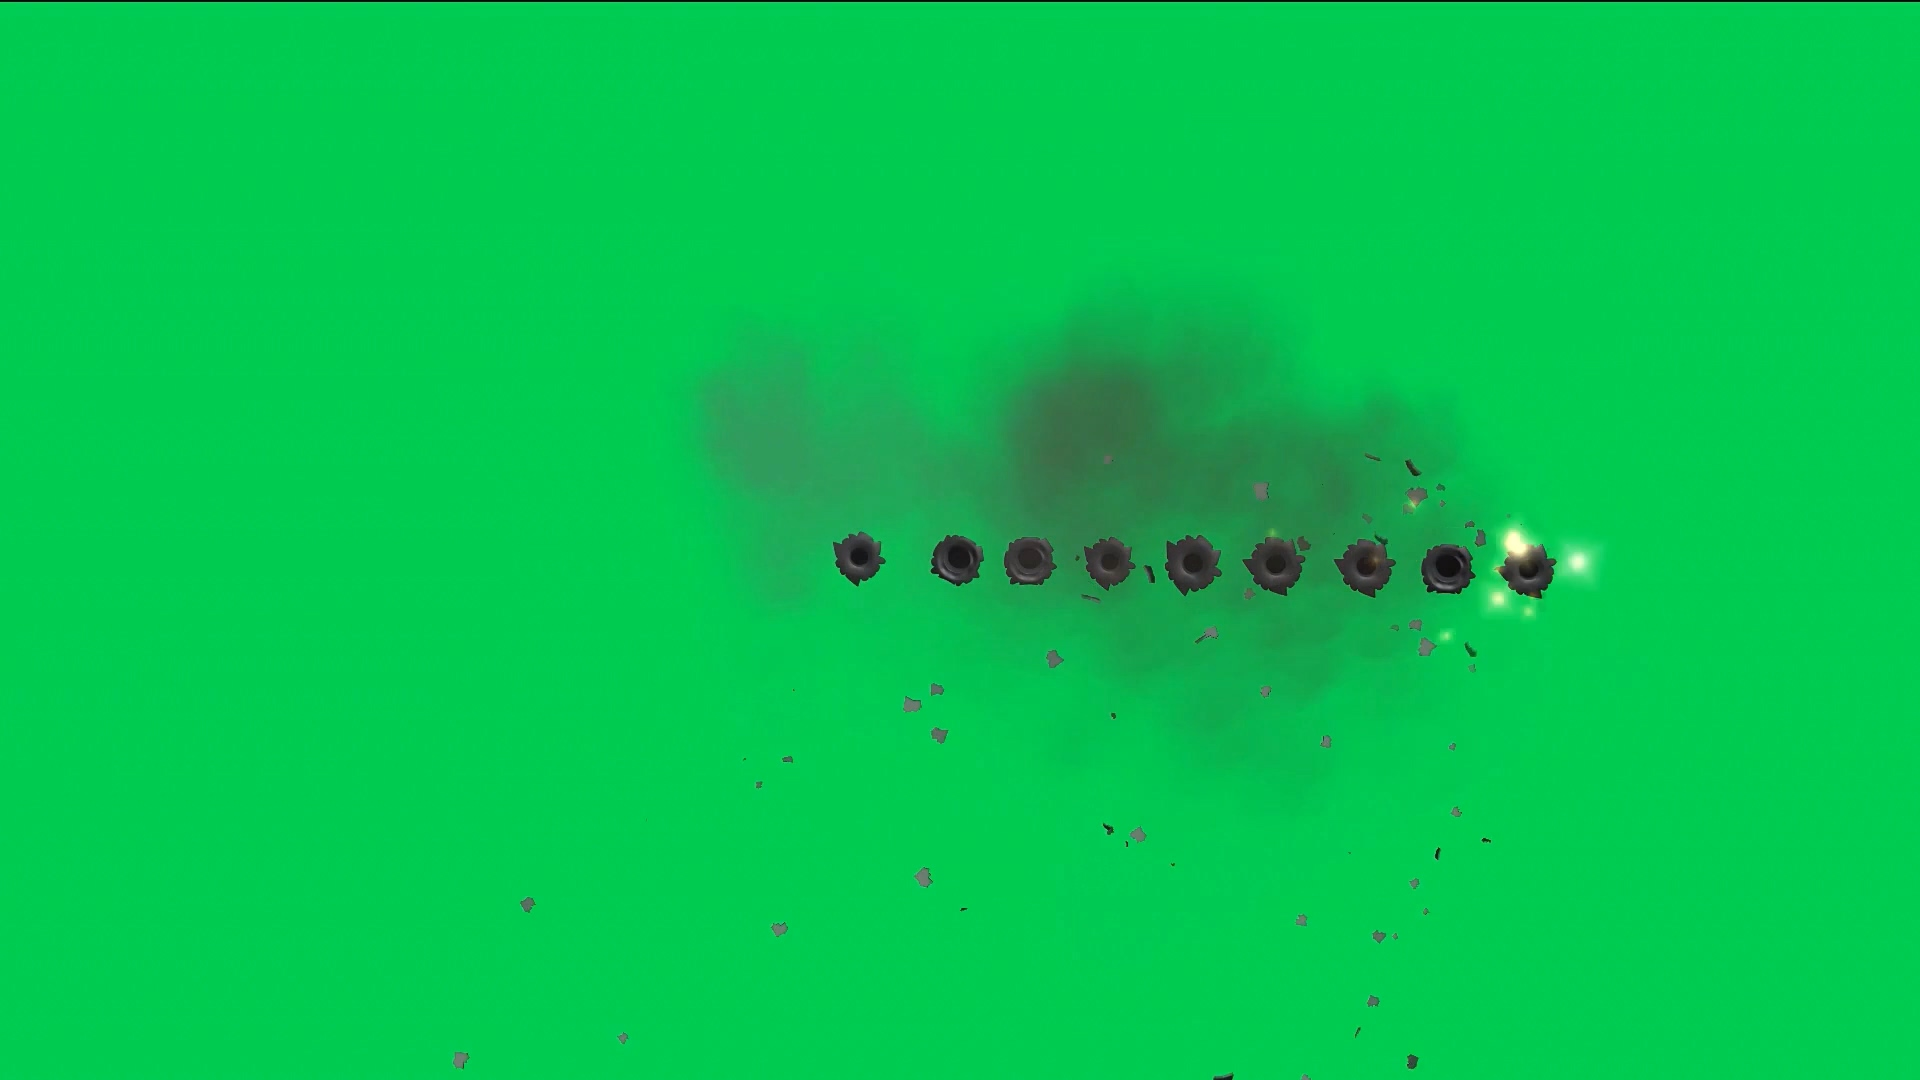 绿屏抠像枪眼